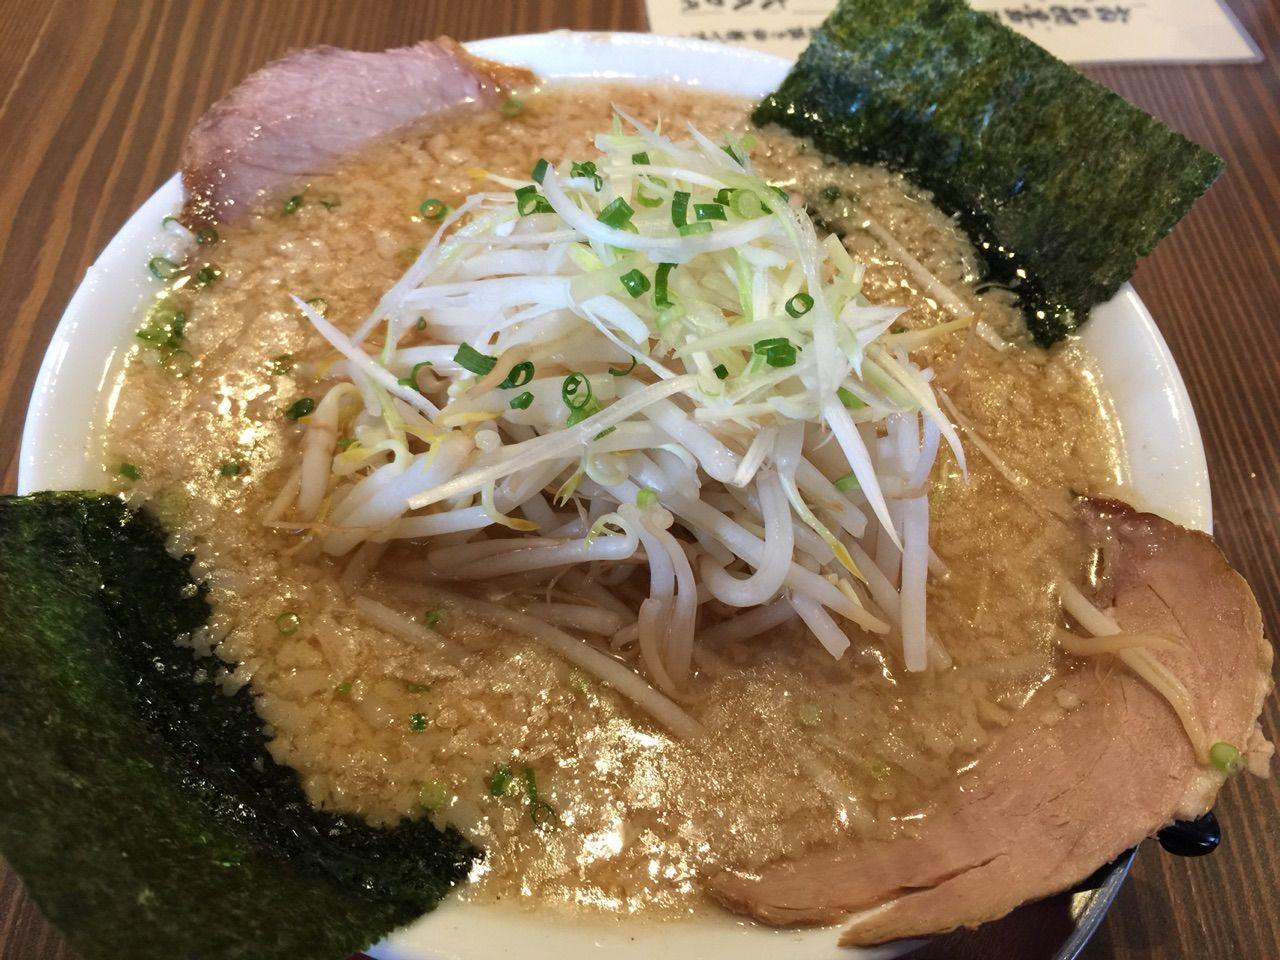 観光してお腹がすいたらラーメンはいかが?上田のおいしいラーメン!のサムネイル画像